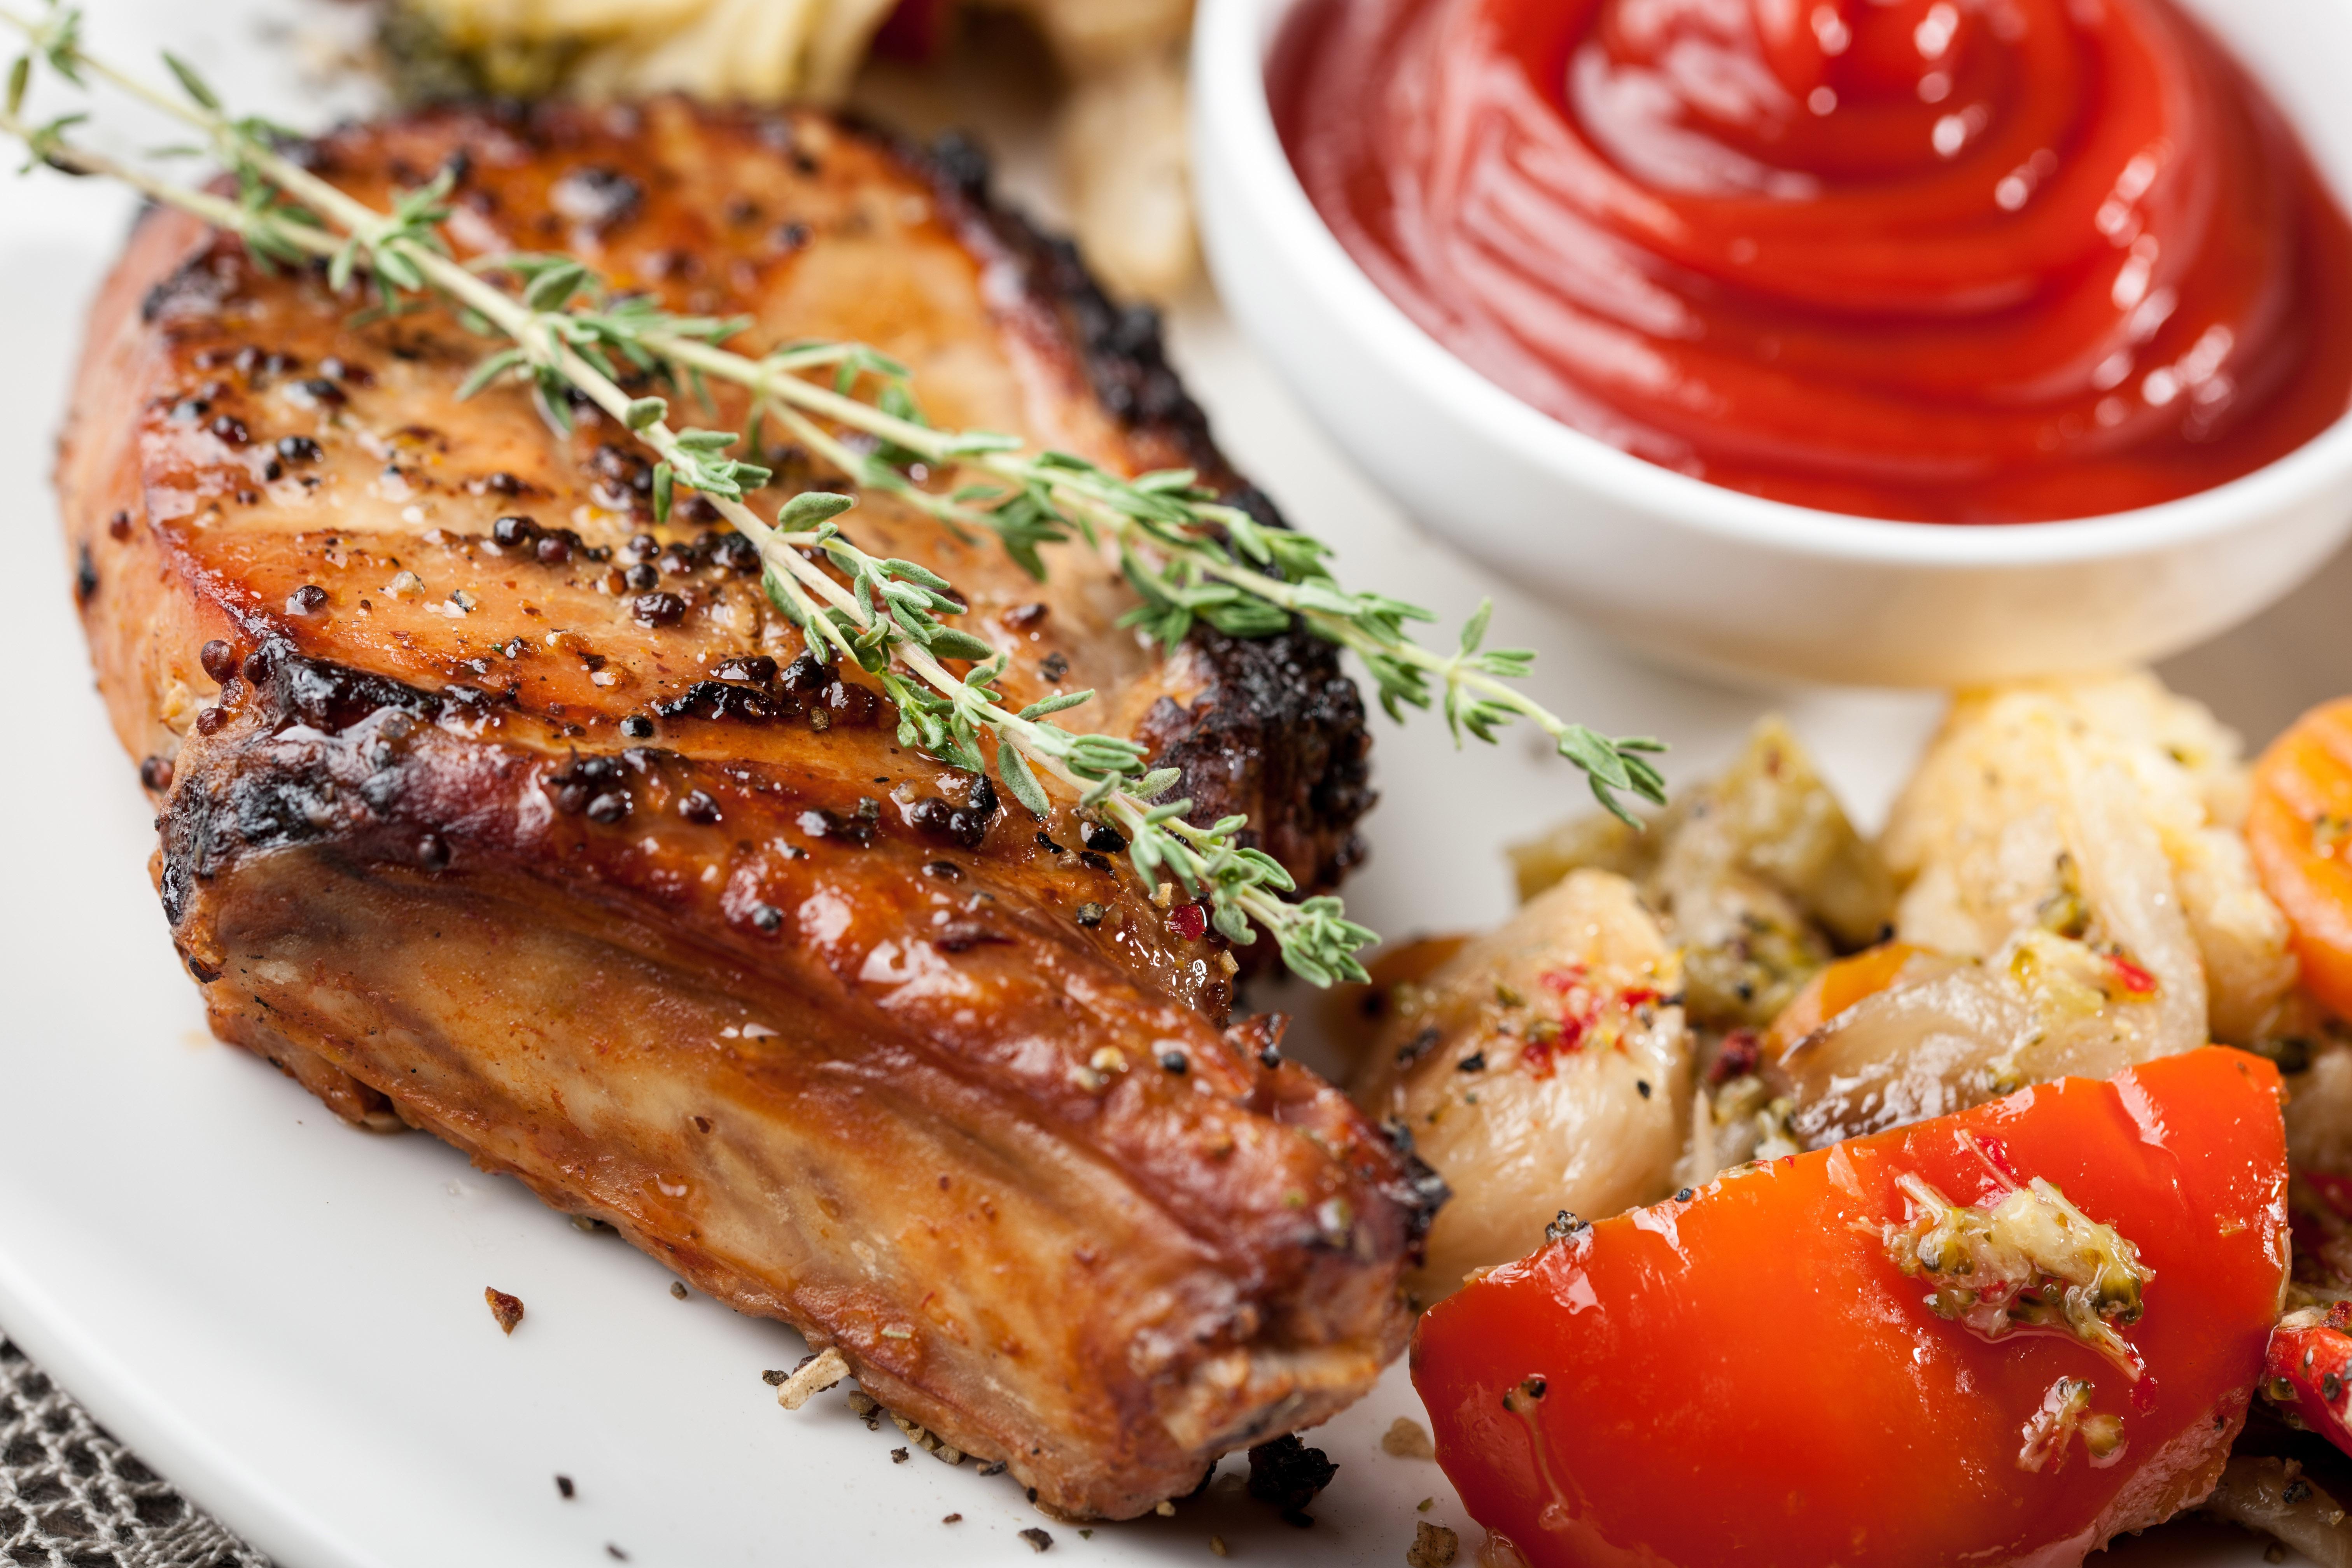 Côte de porc au vinaigre balsamique et épices